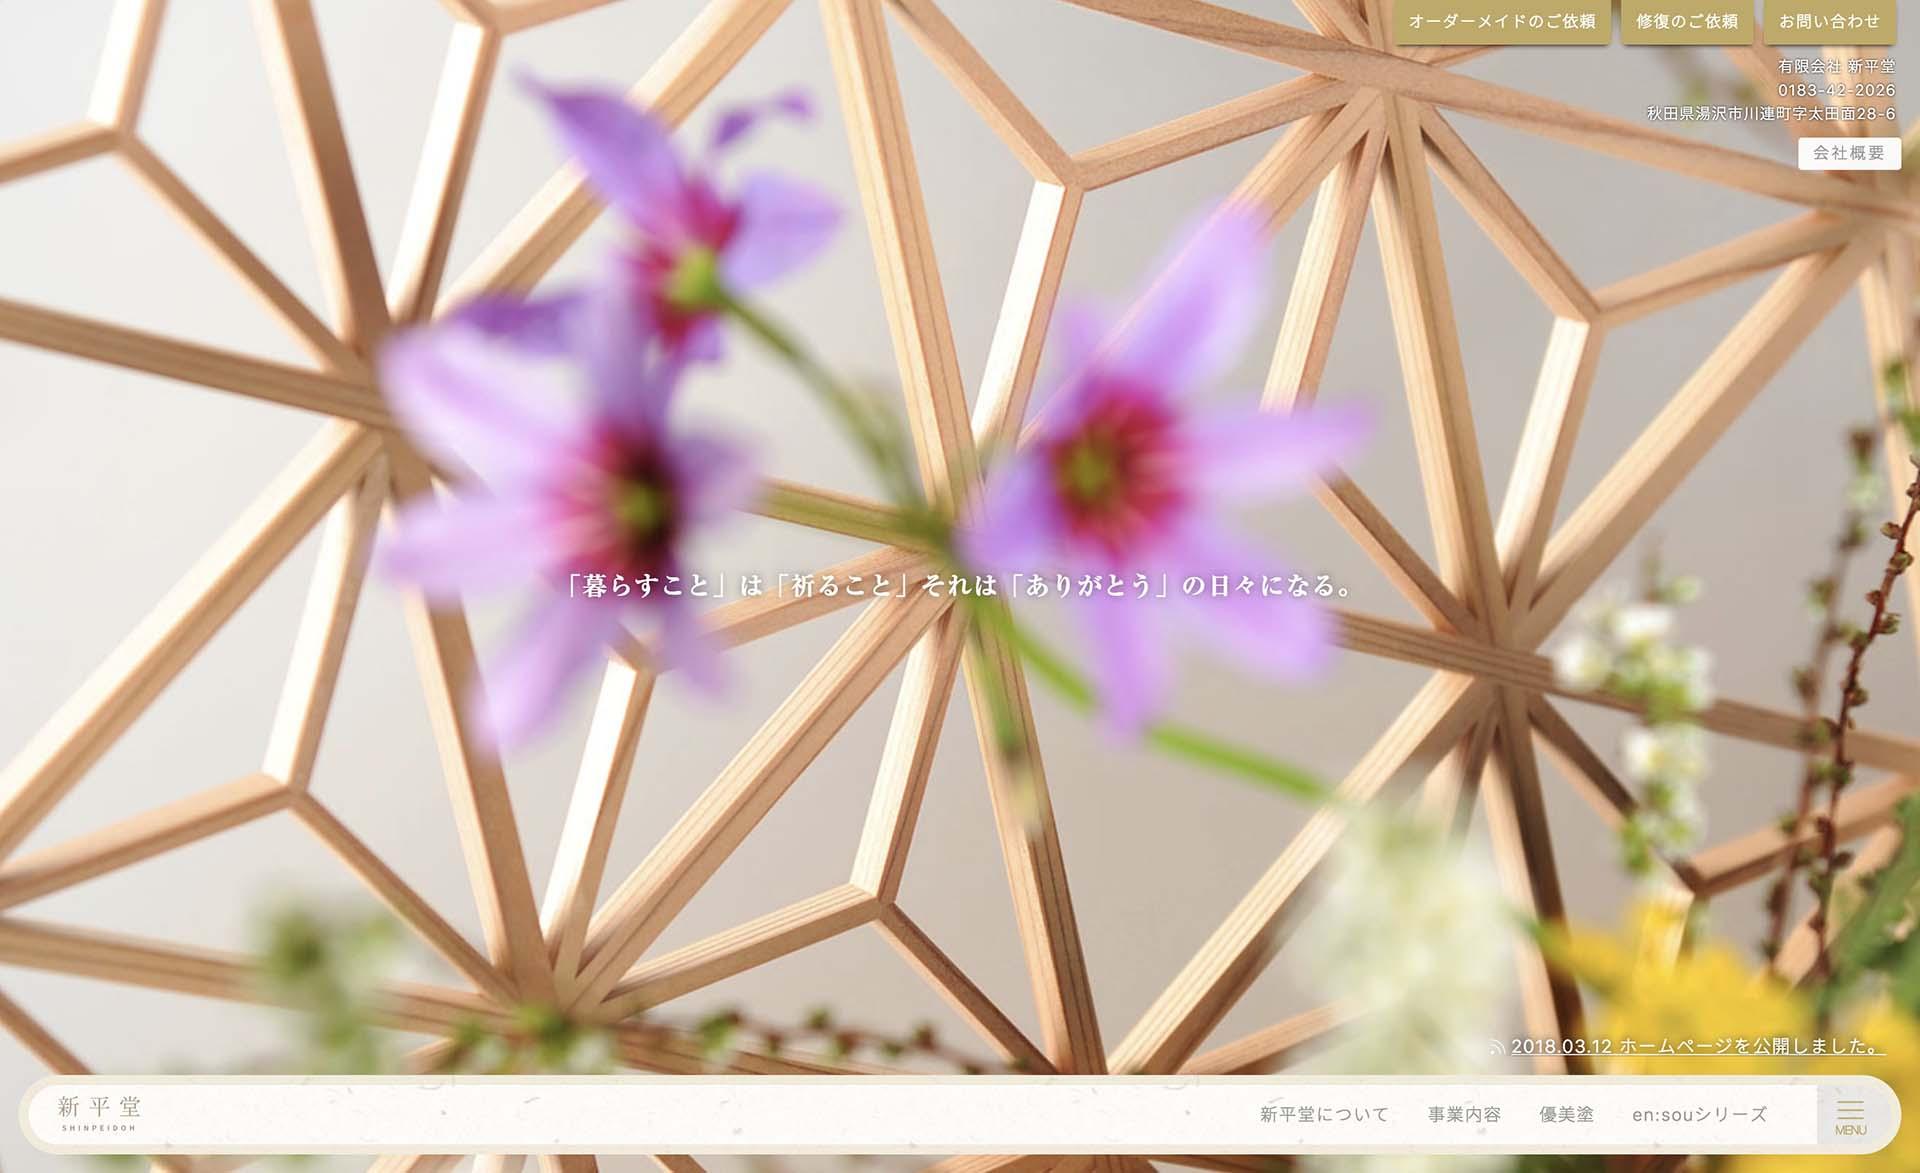 新平堂様のサイトイメージ